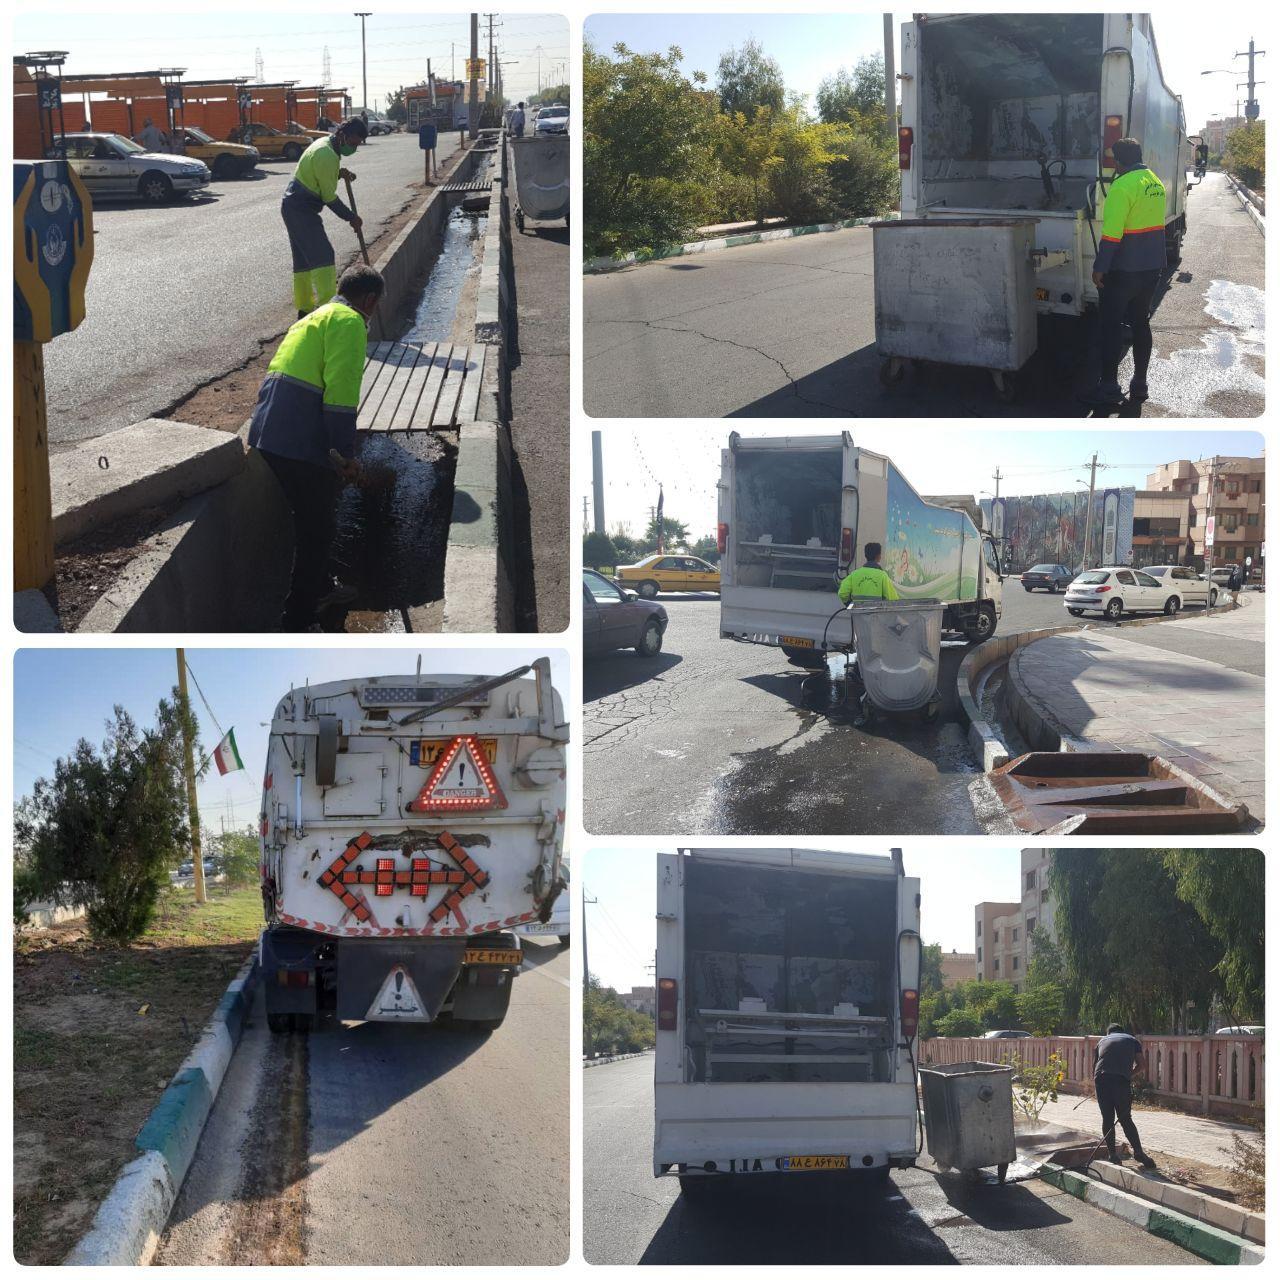 اجرای طرح پاکسازی محله ای و شستشوی مکانیزه باکس های زباله در شهر پرند